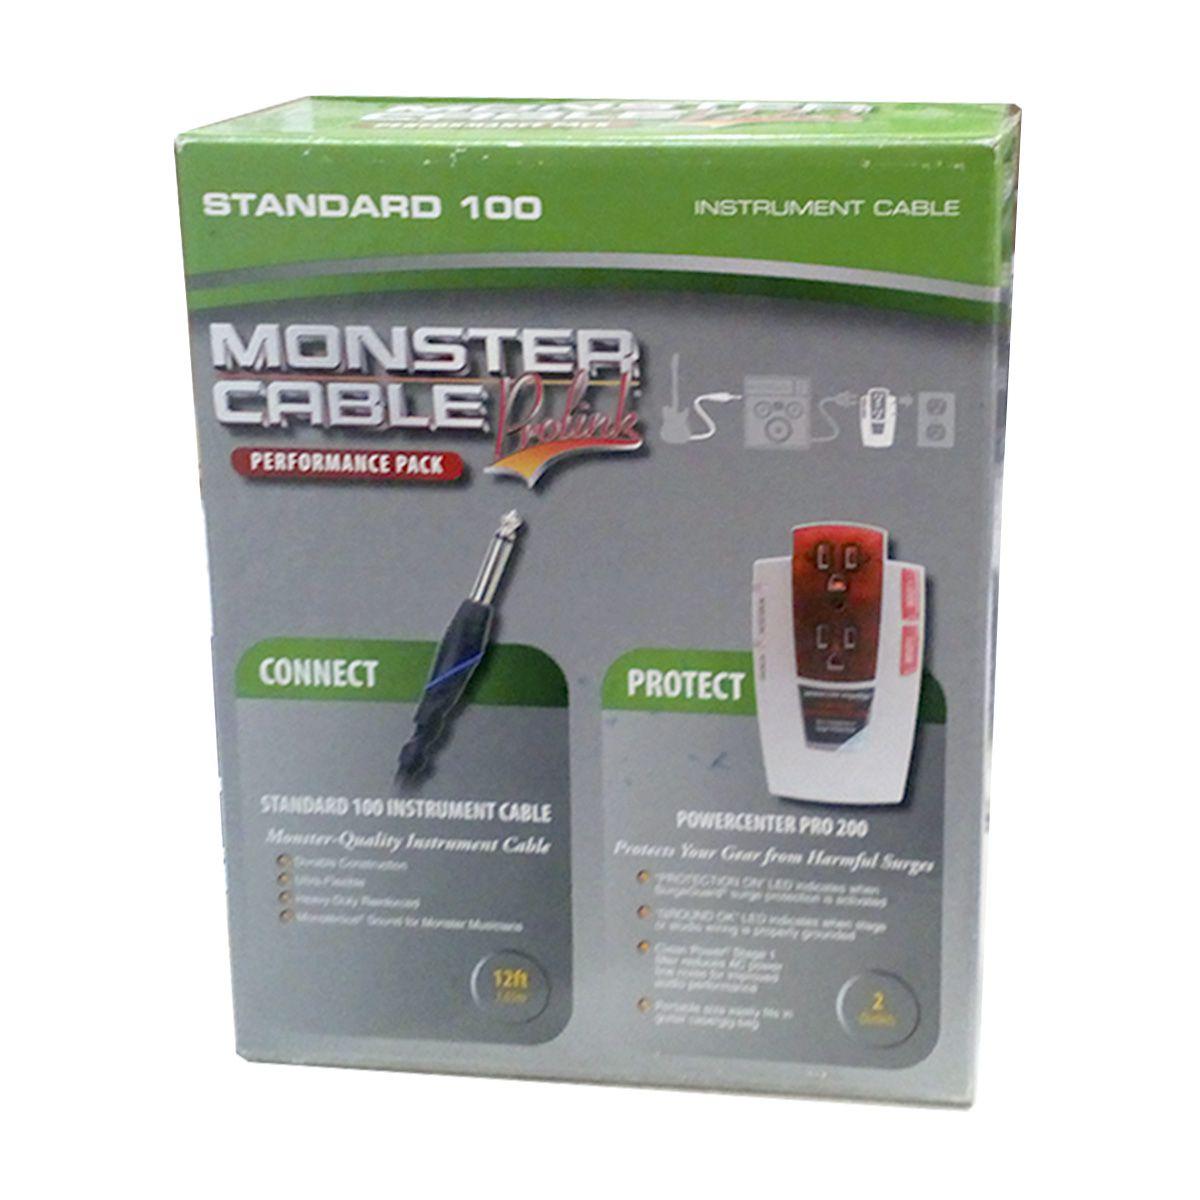 Filtro de linha para amplificador Monster Cable S100I-12PACK